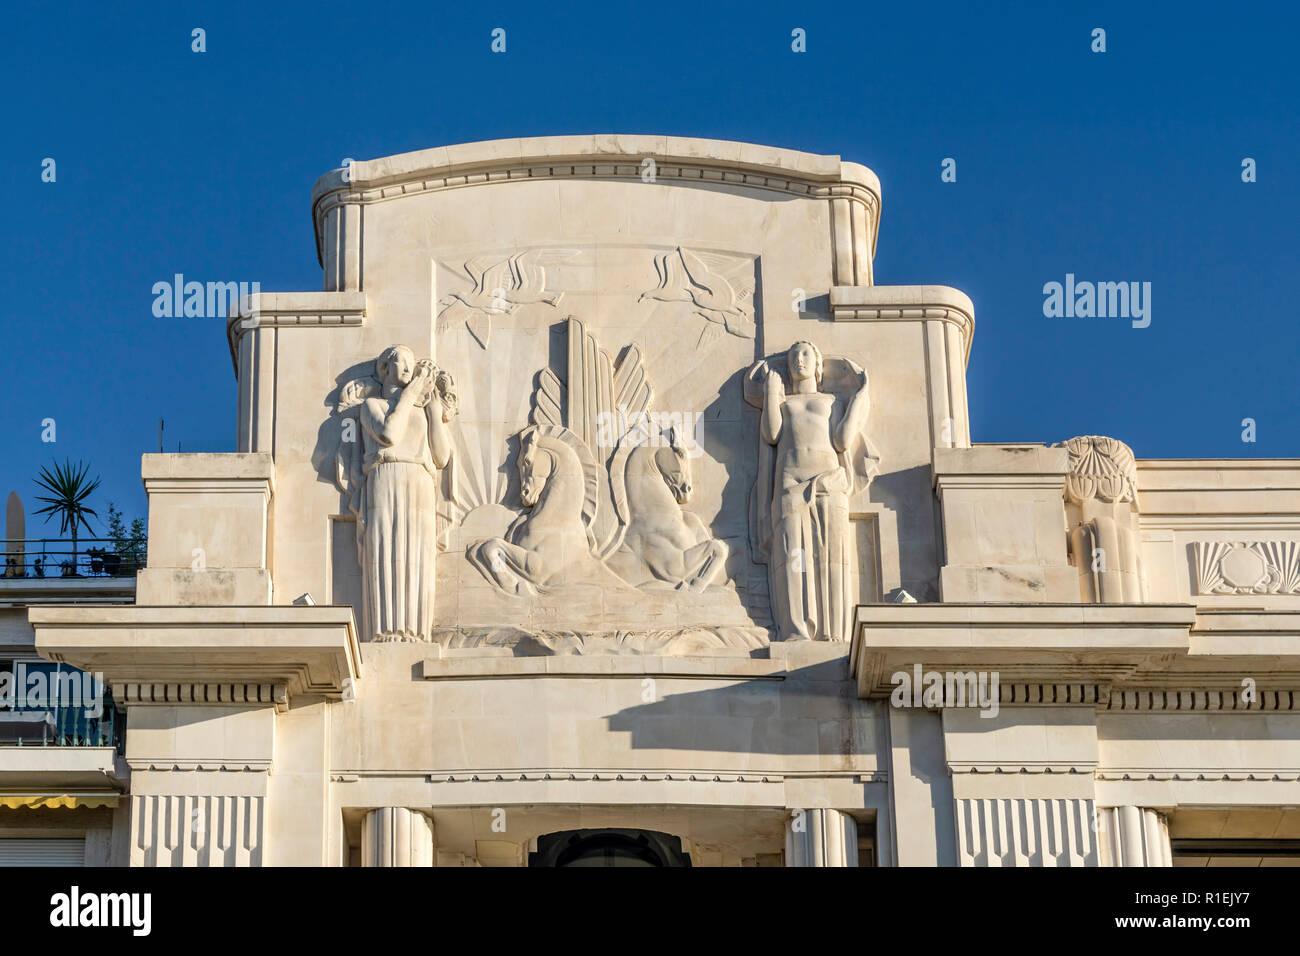 Francia, Nizza Promenade des Anglais, Palais la Mediterranee, Hotel, Casino, facciata in stile Art Deco progettato da Antoine Sartorio, teatro di Nizza, Immagini Stock